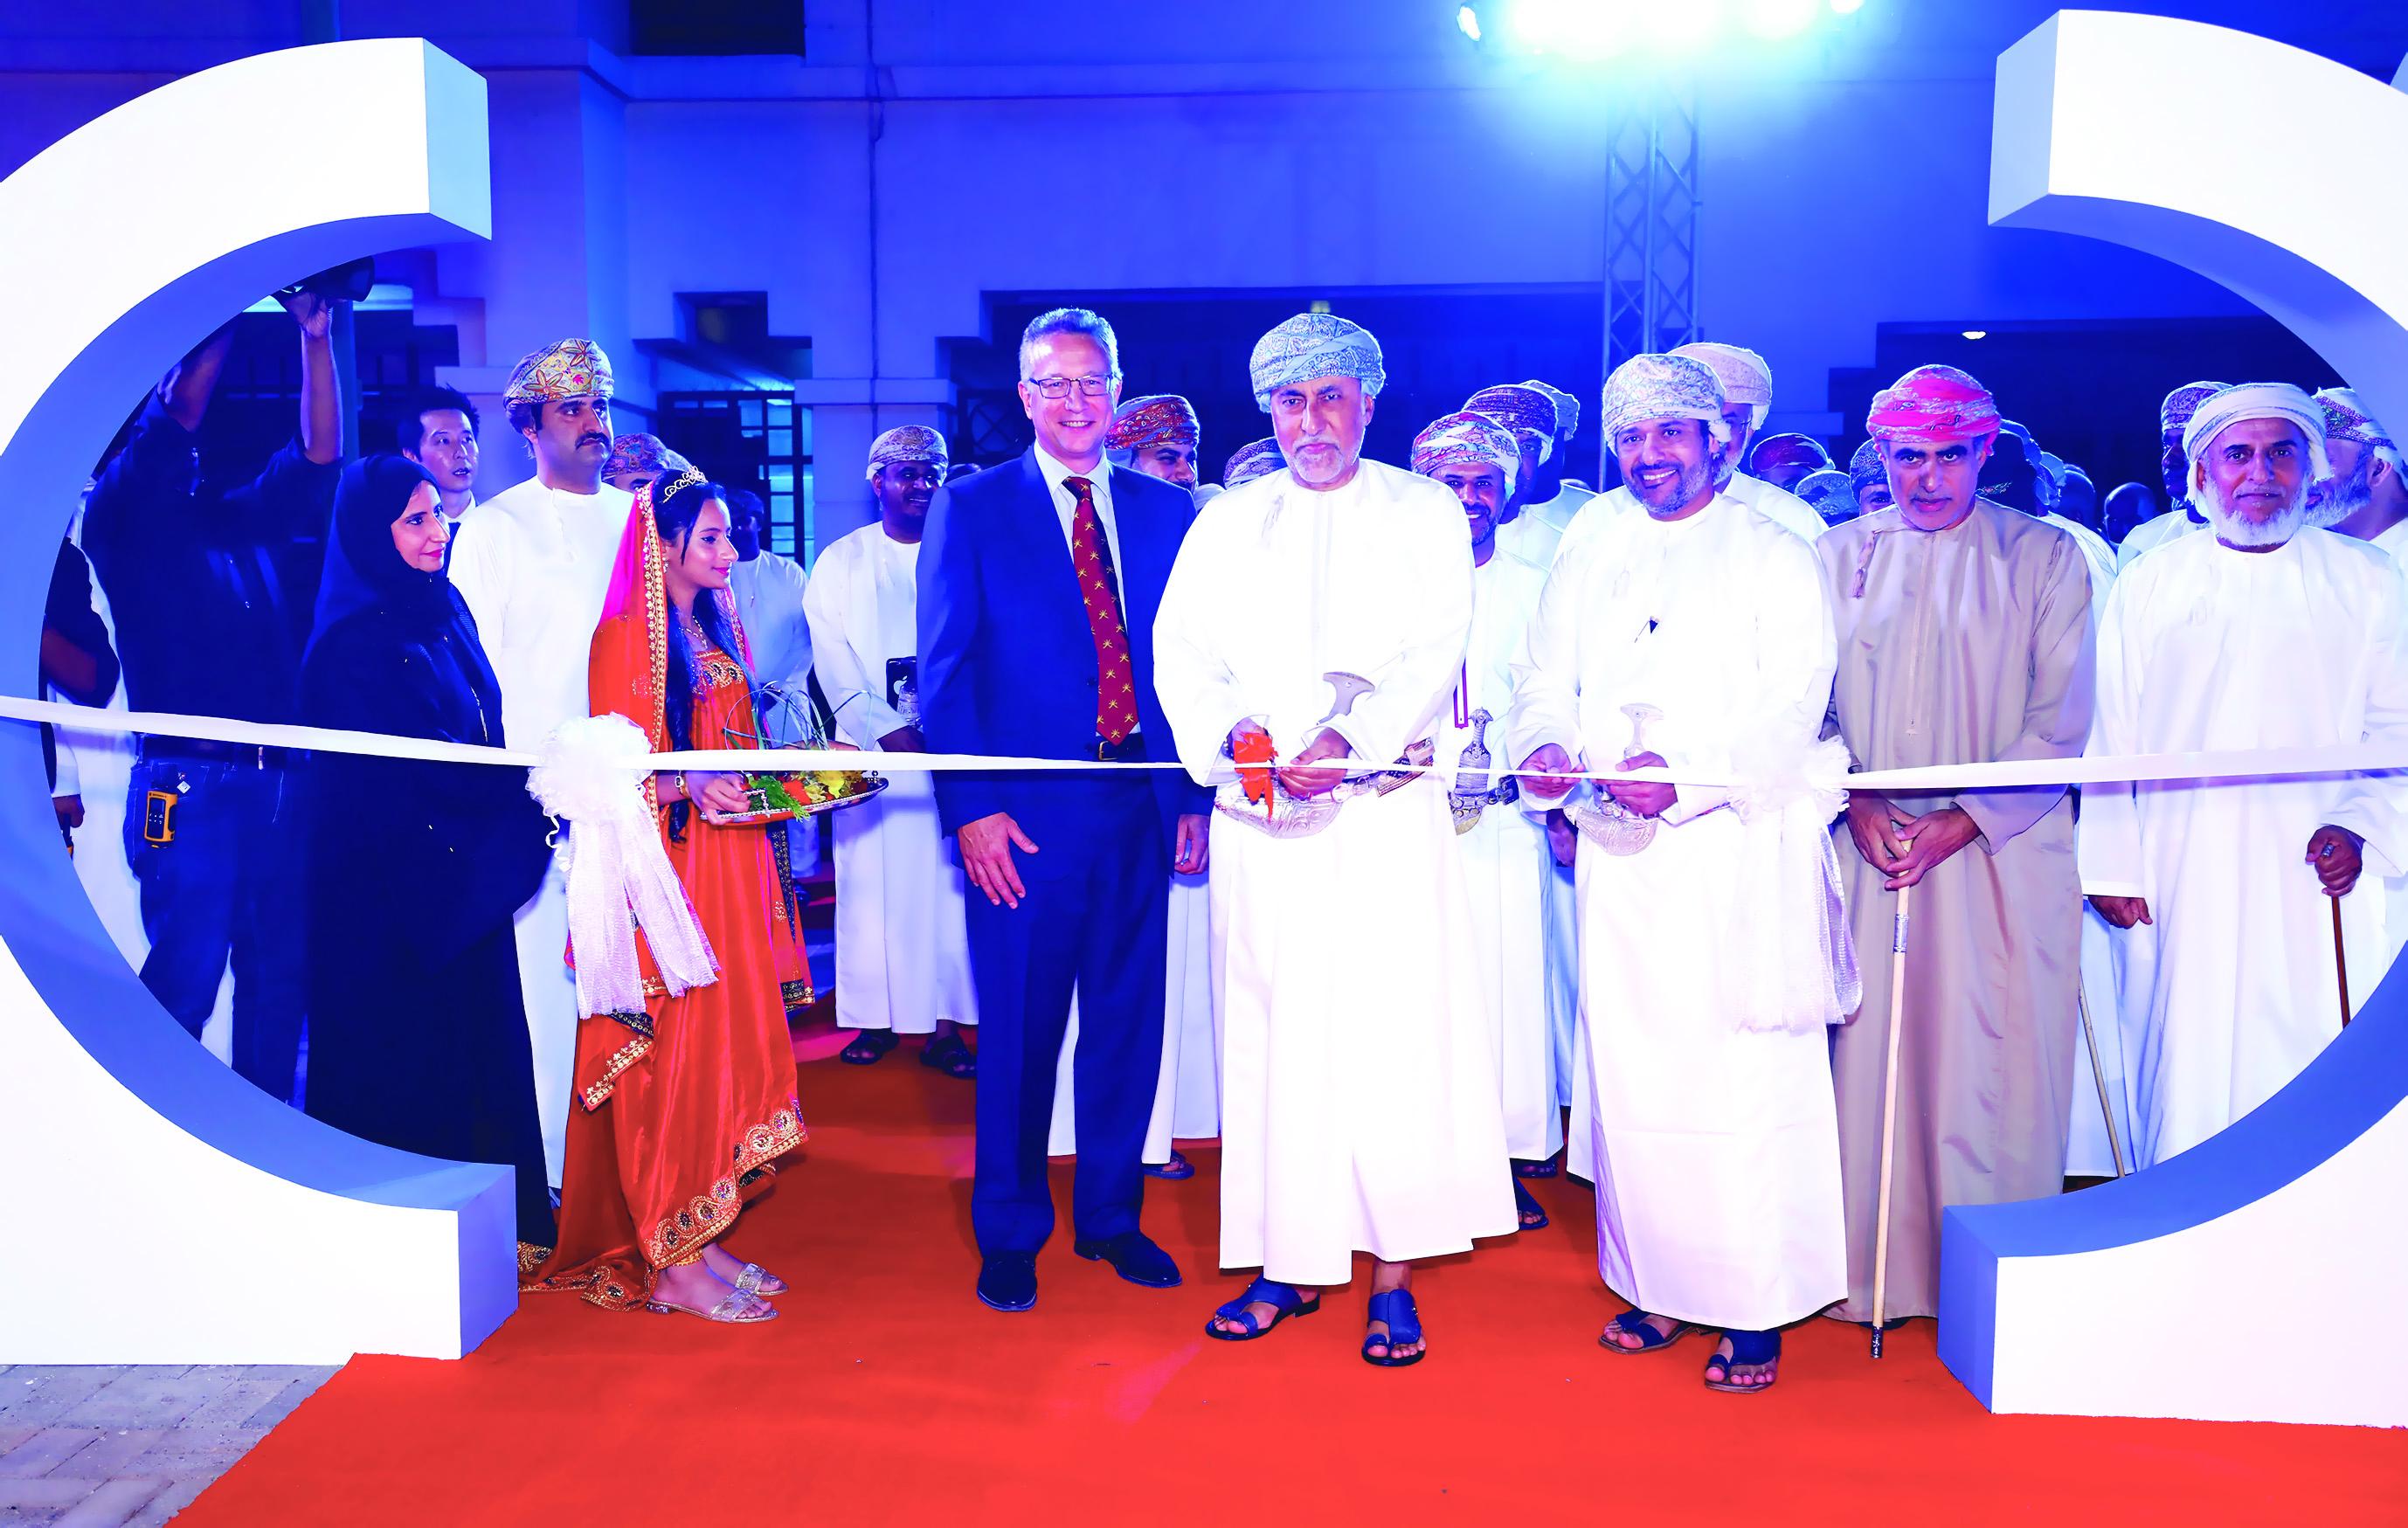 شل عمان تحتفل بالذكرى الـ 60 على تأسيسها في السلطنة